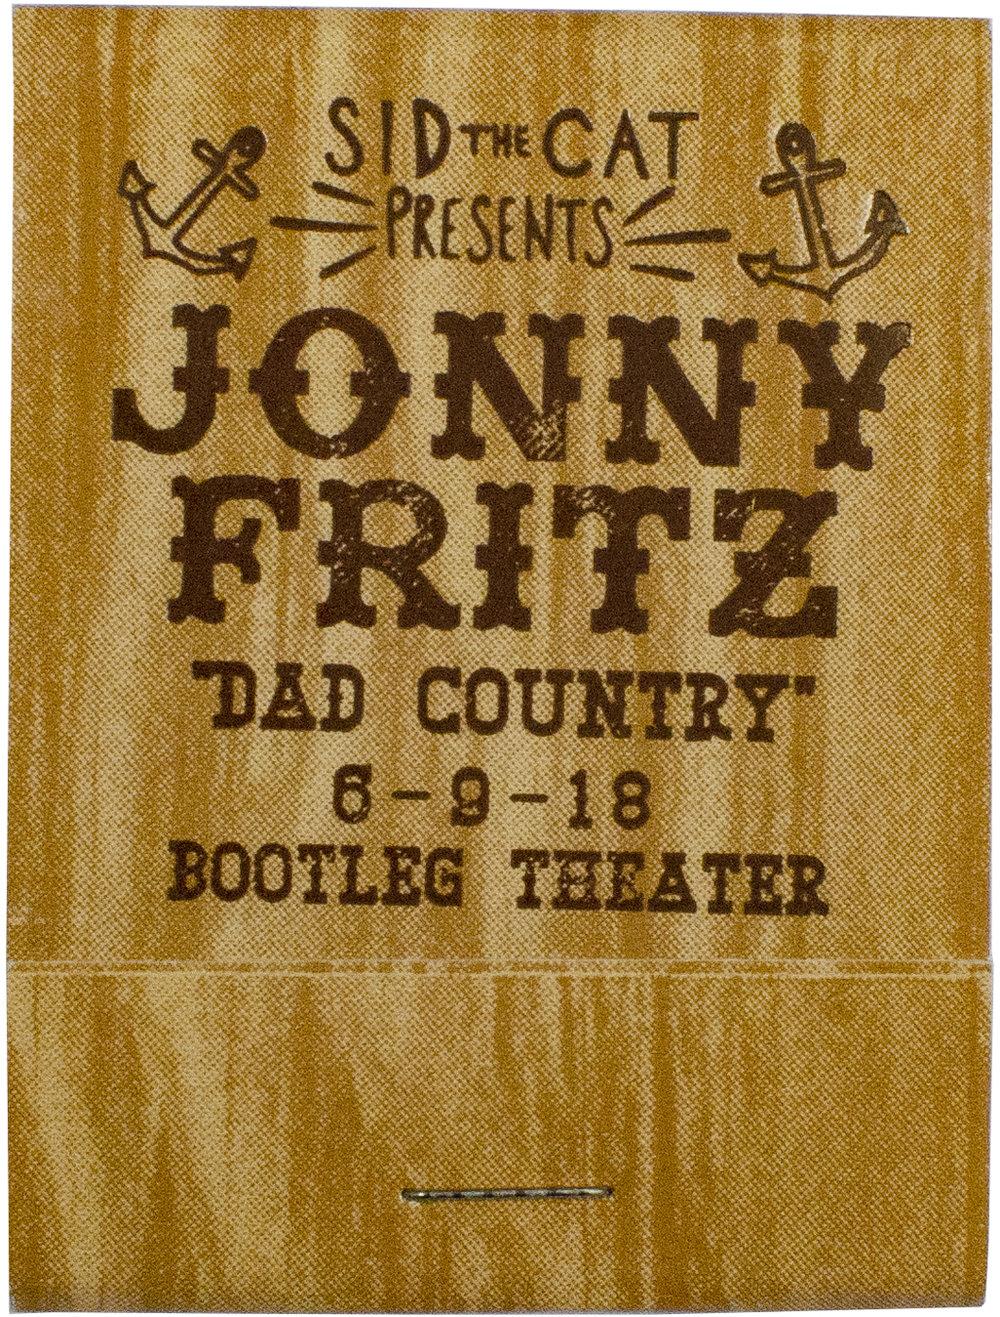 2018-6-9 Jonny Fritz.jpg